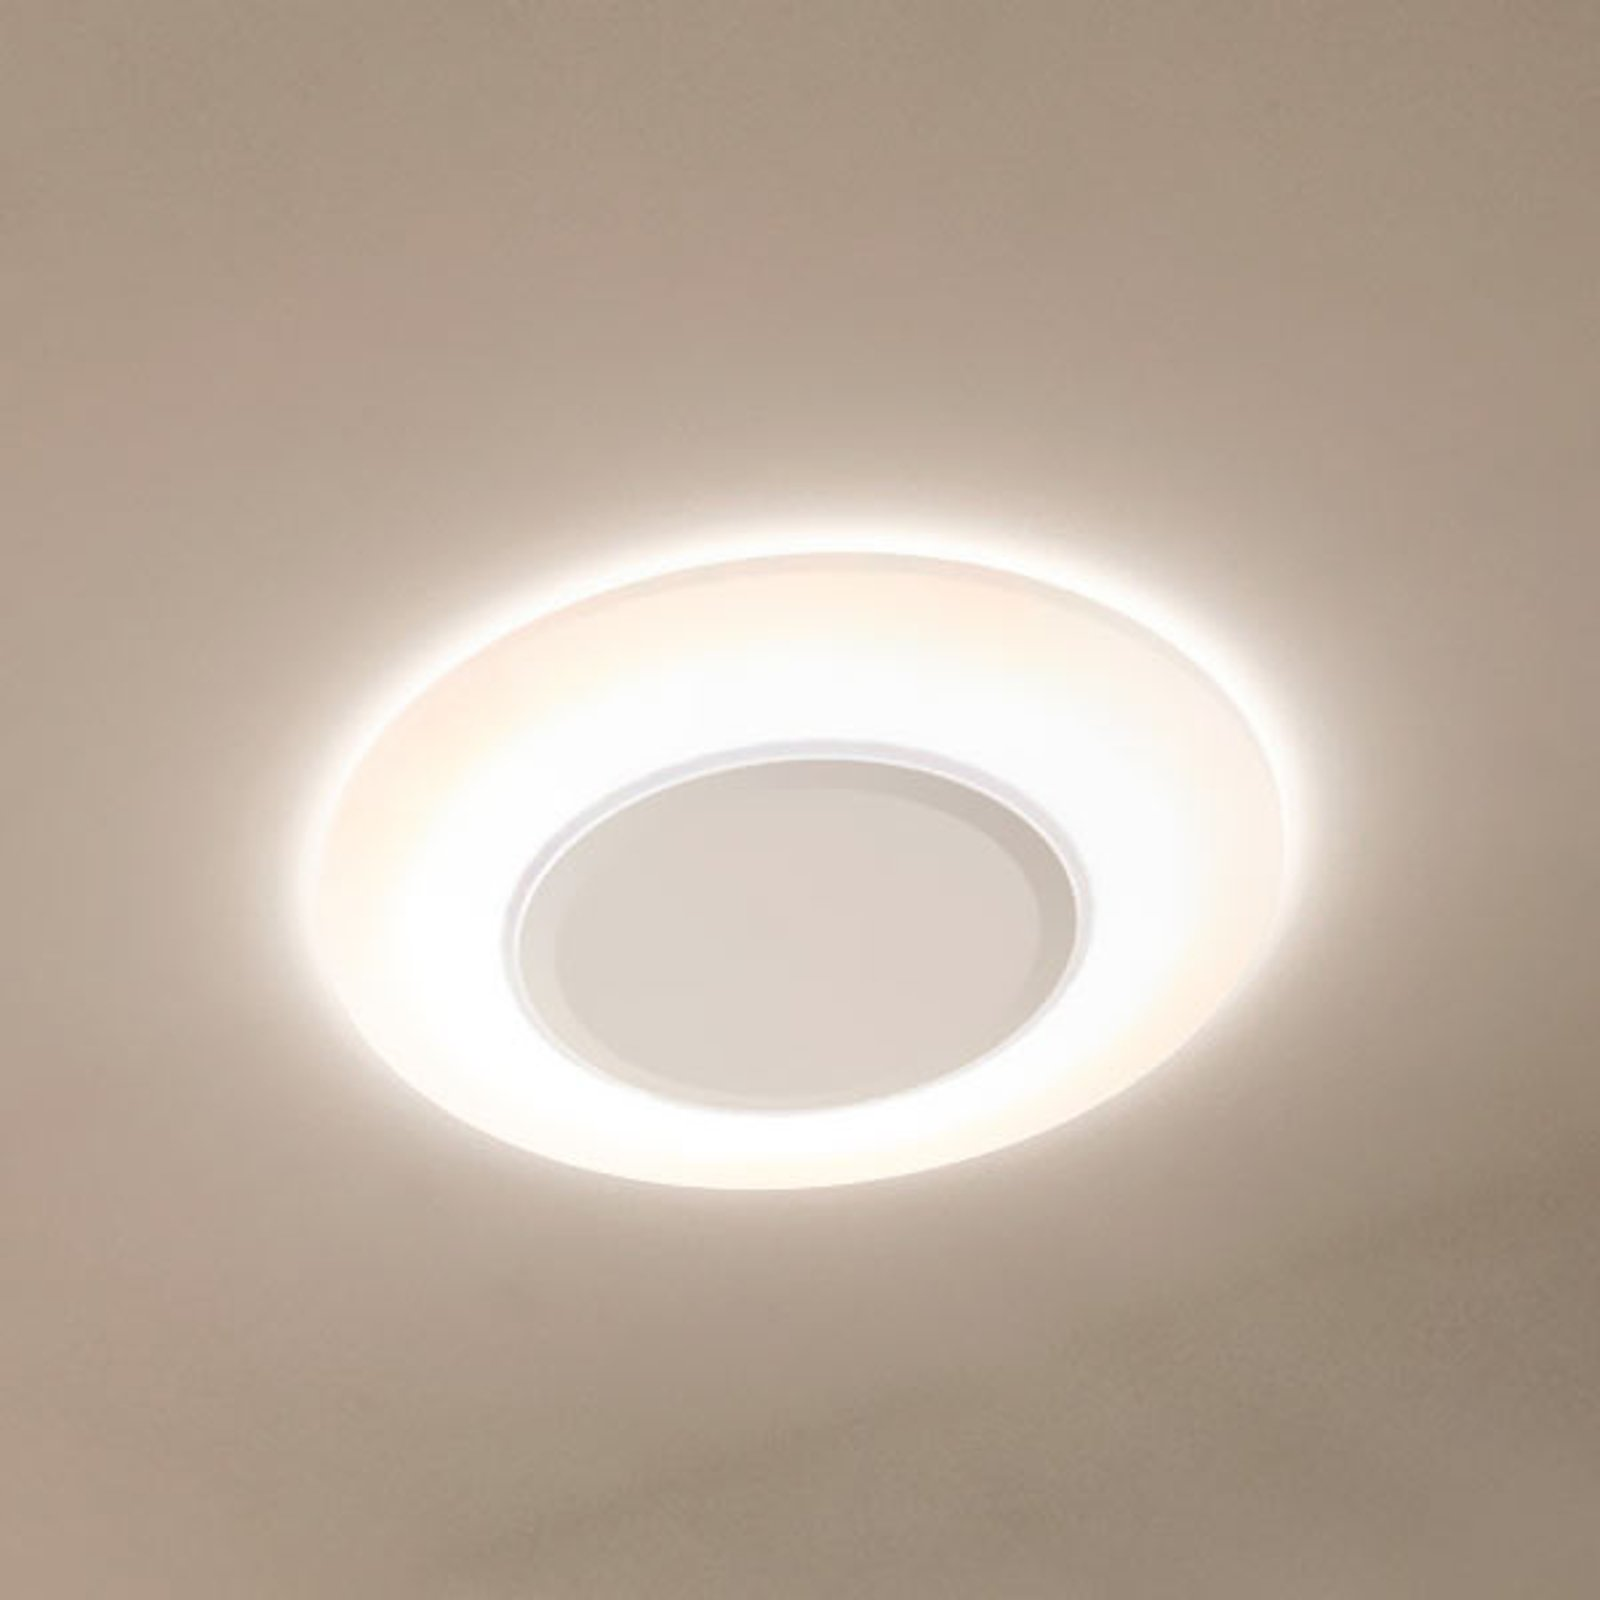 LEDVANCE Ring LED-taklampe, hvit, 28 cm